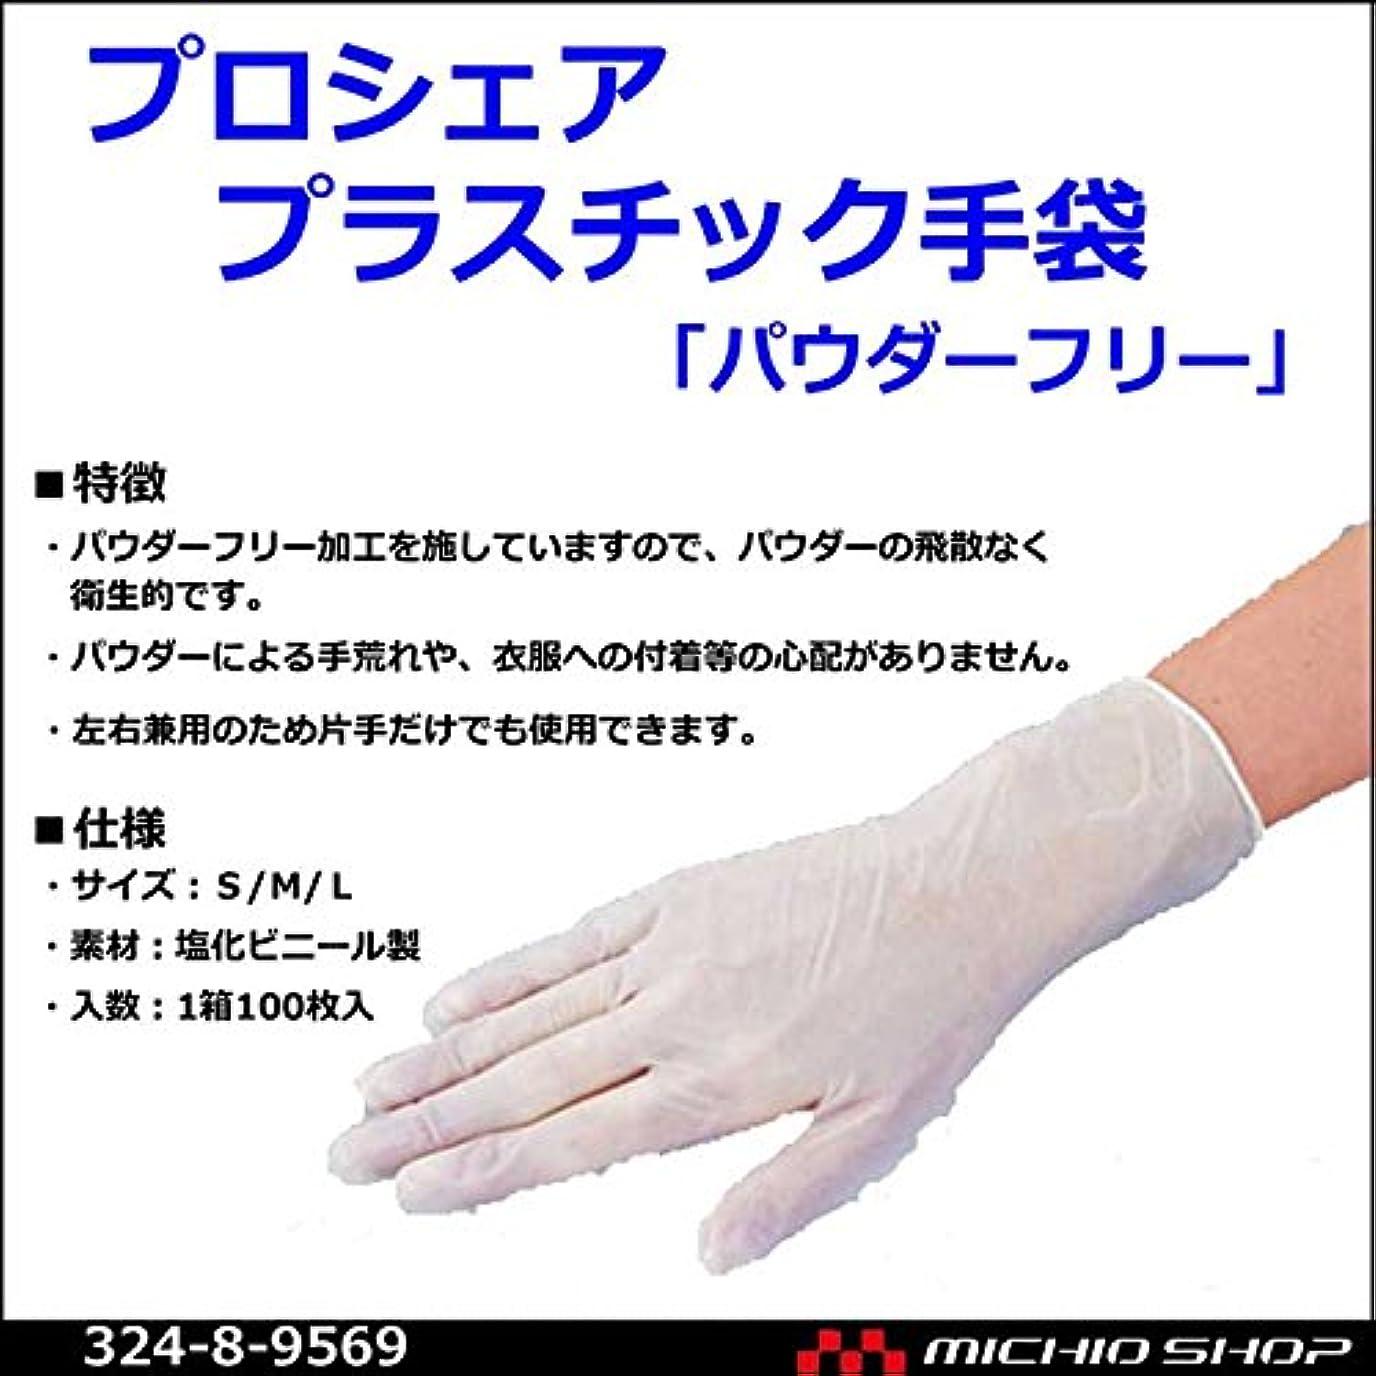 対応懐疑論チャンピオンアズワン プロシェアプラスチック手袋 100枚入 8-9569 04 SS